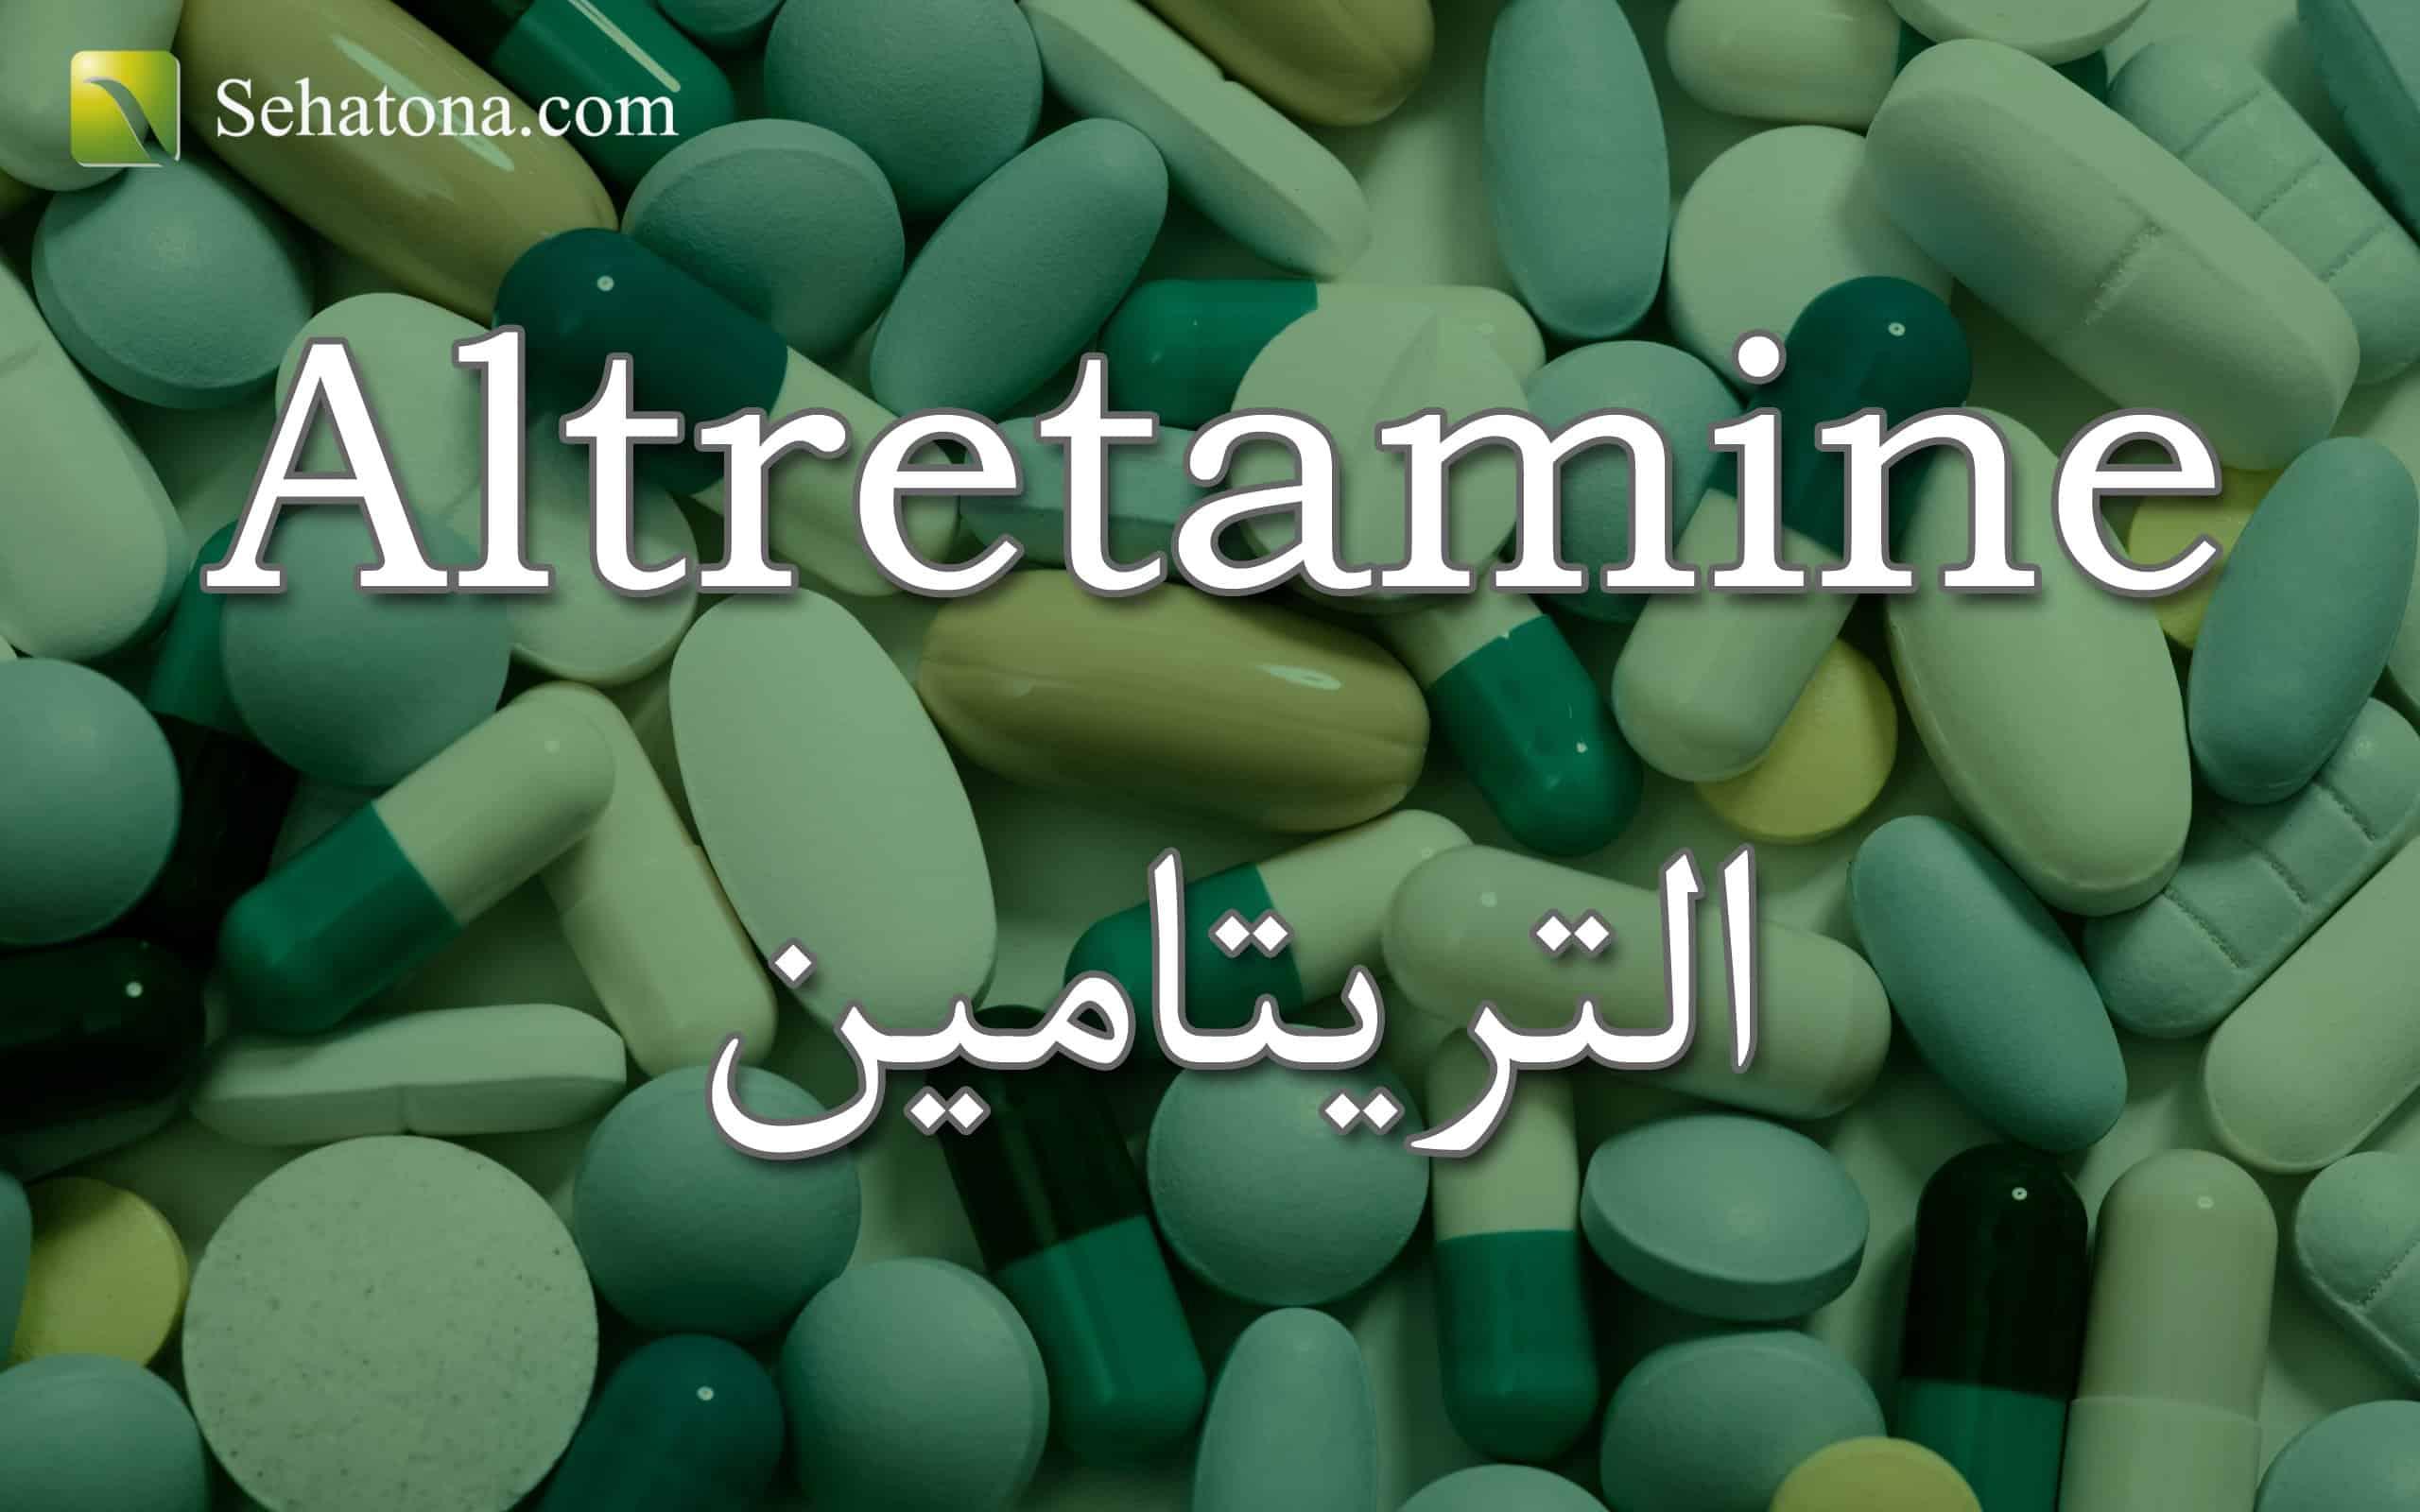 Altretamine